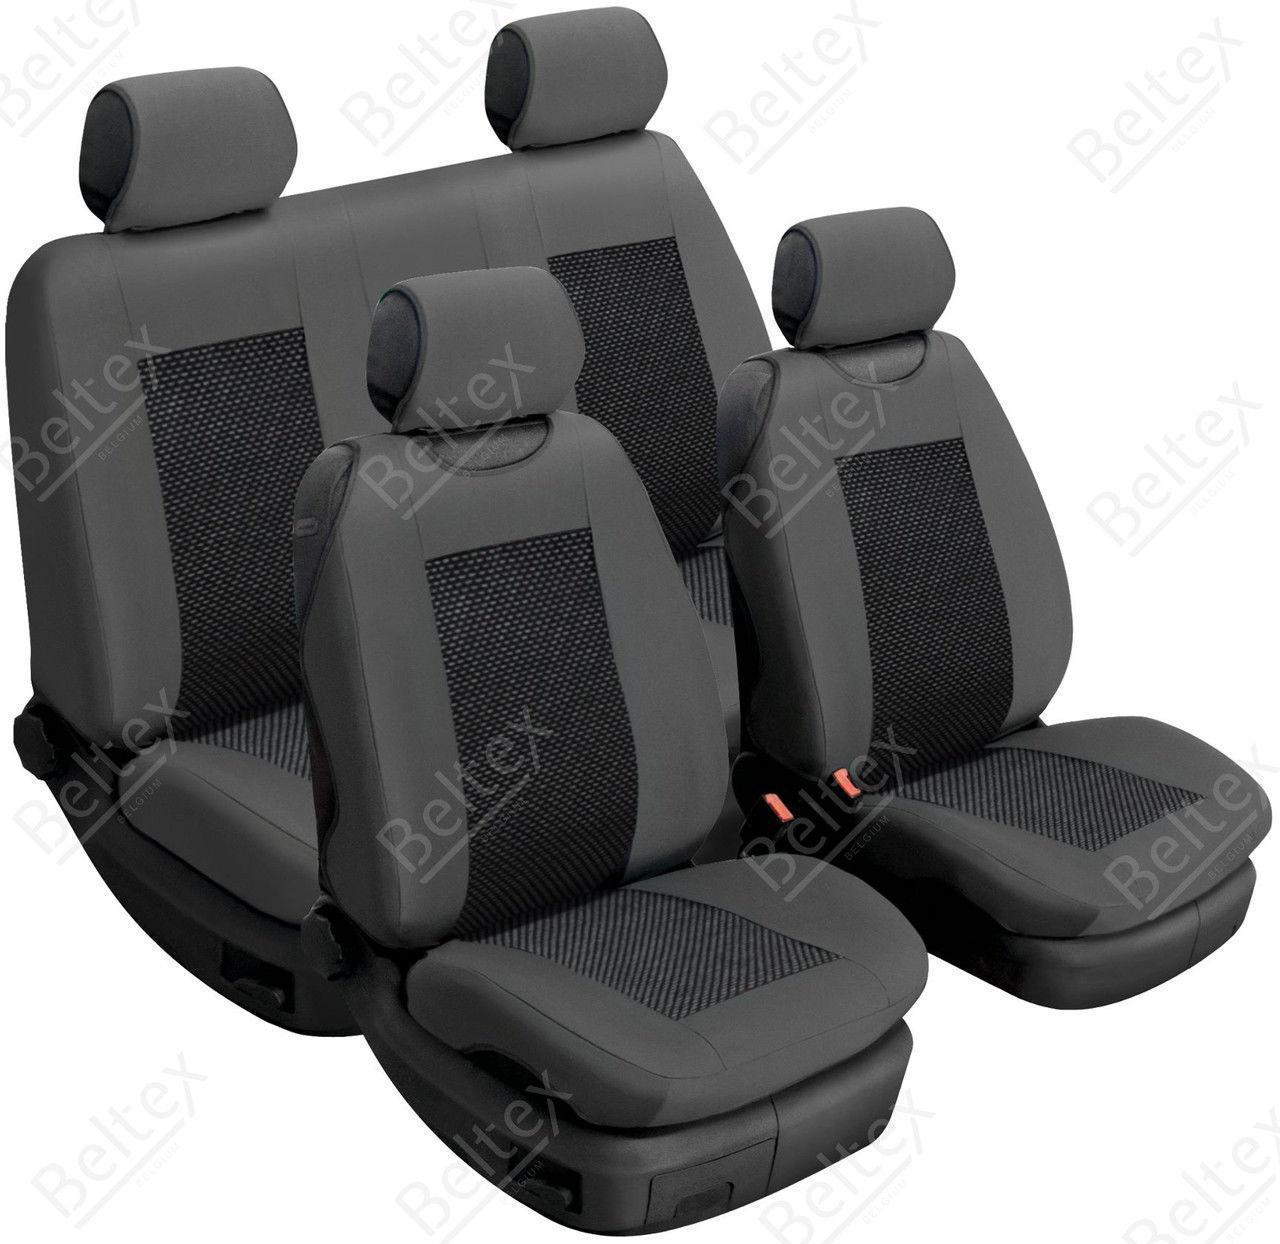 Майки/чехлы на сиденья Рено Клио (Renault Clio)